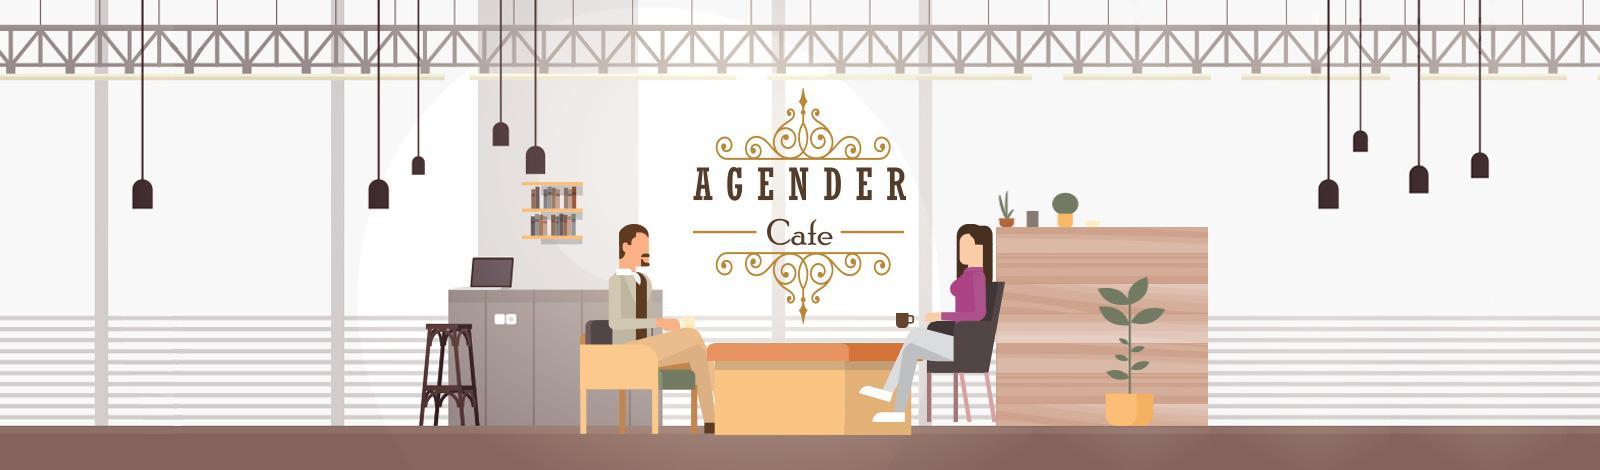 Agender Cafe